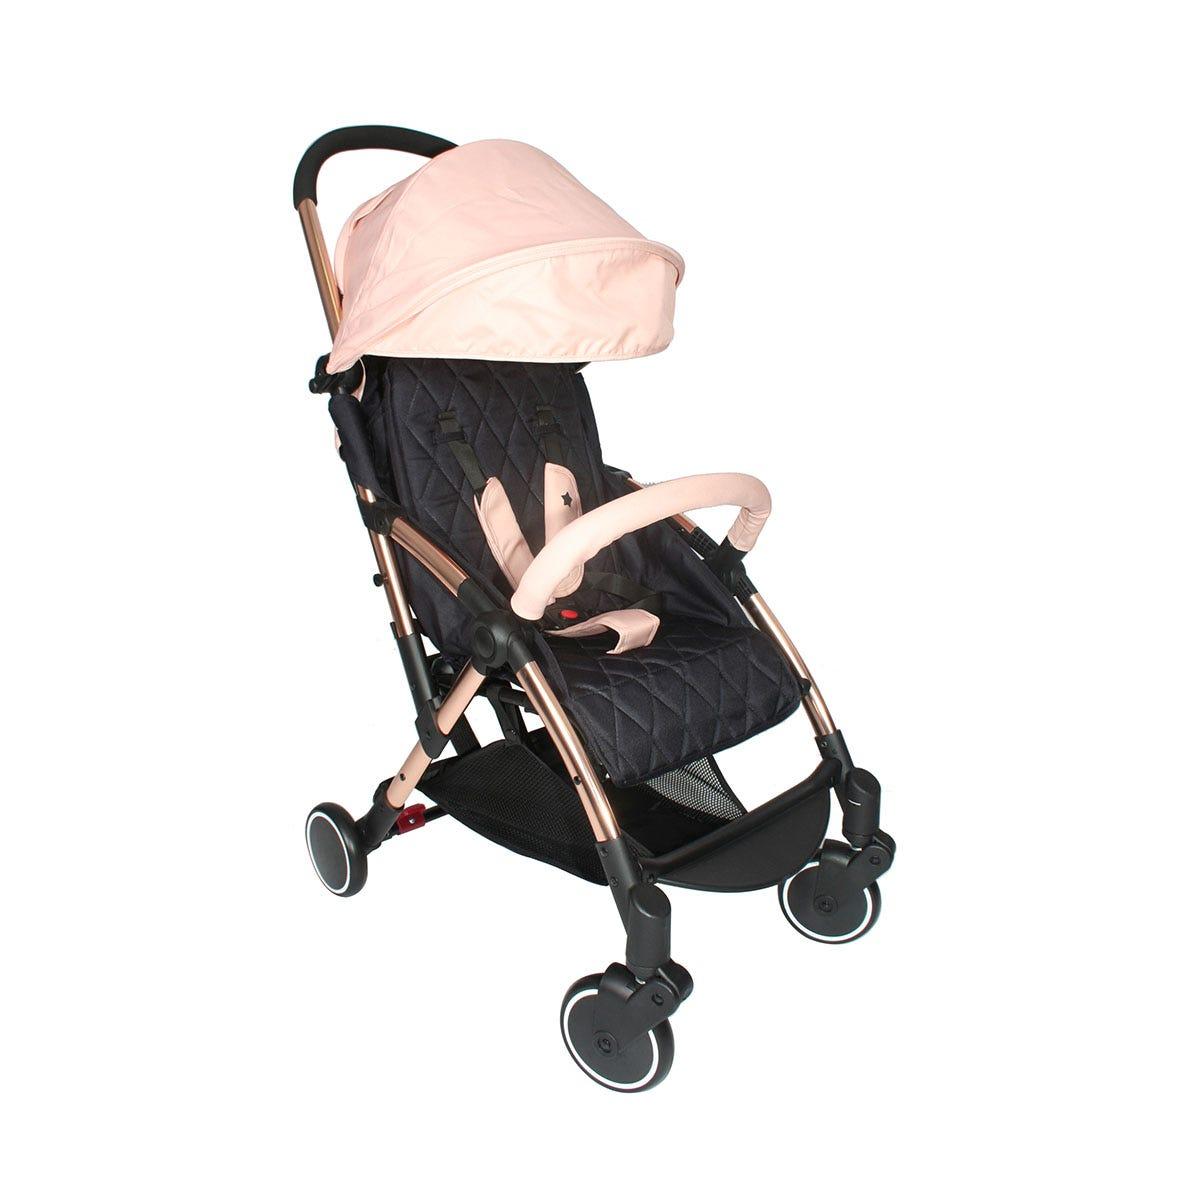 My Babiie Billie Faiers MBX4 Ultra Light Stroller - Rose Gold Blush